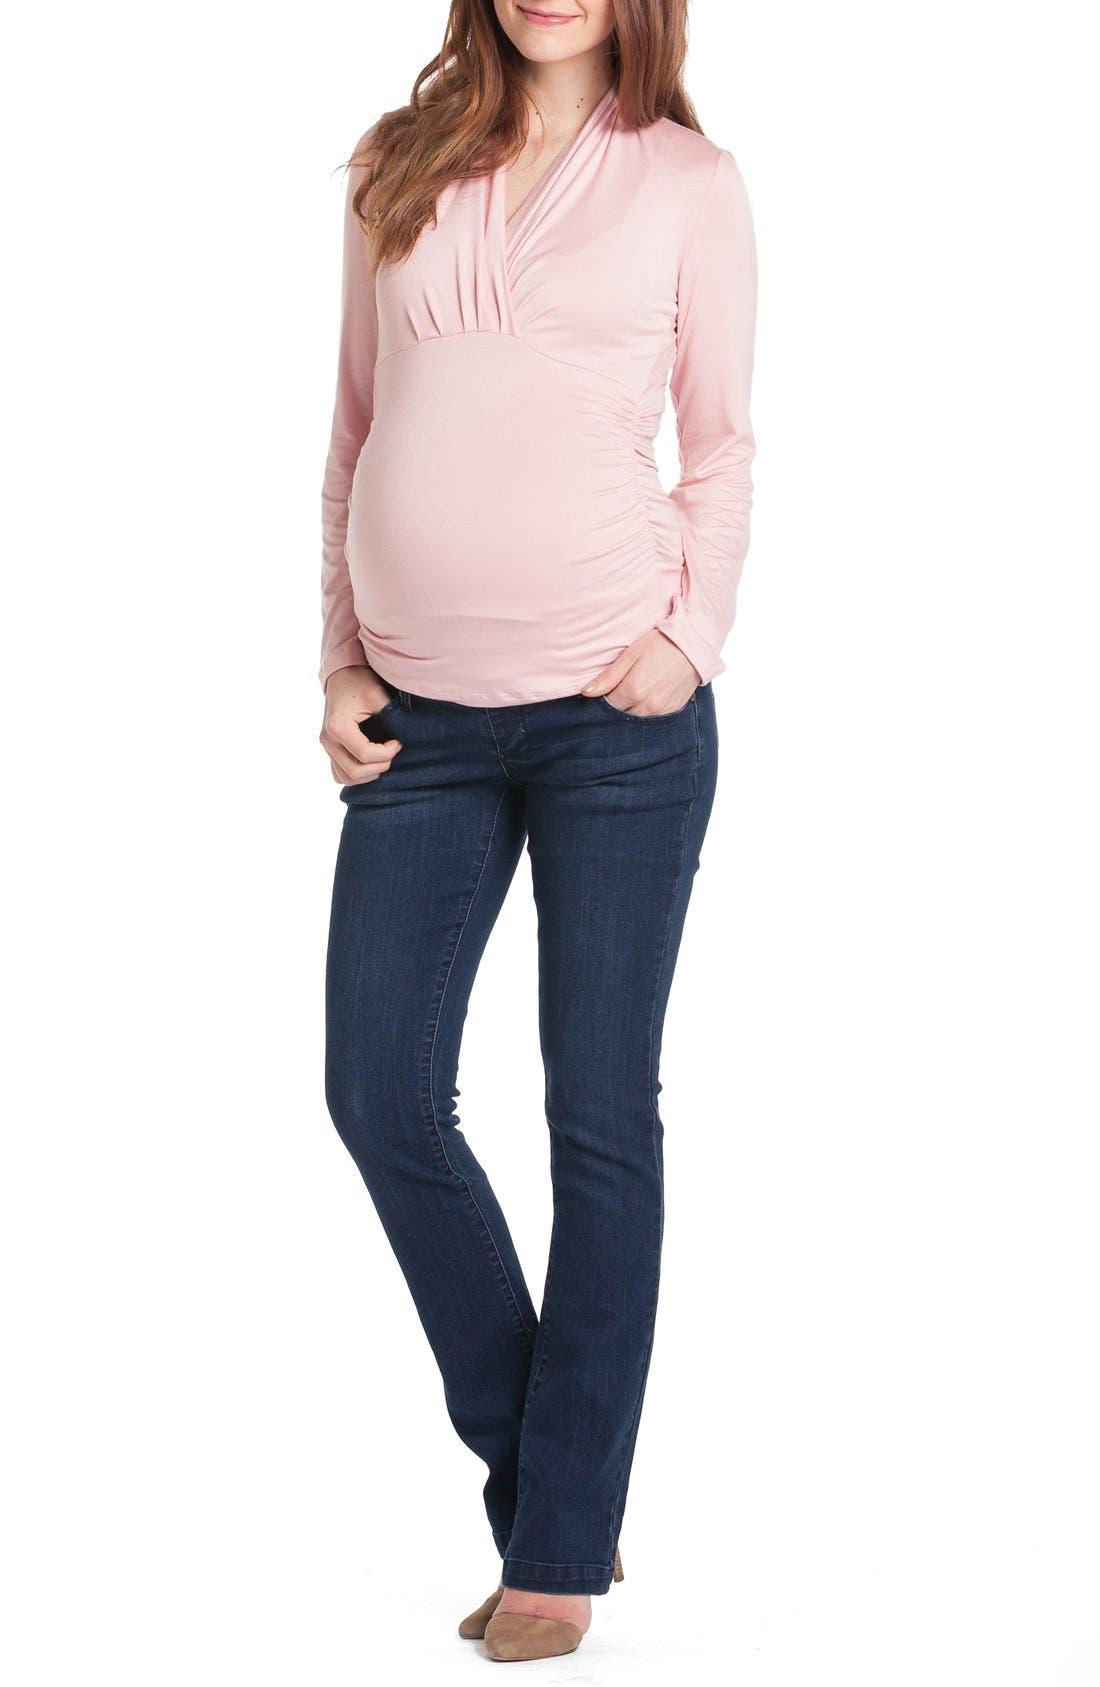 Main Image - Lilac Clothing Megan Maternity Top